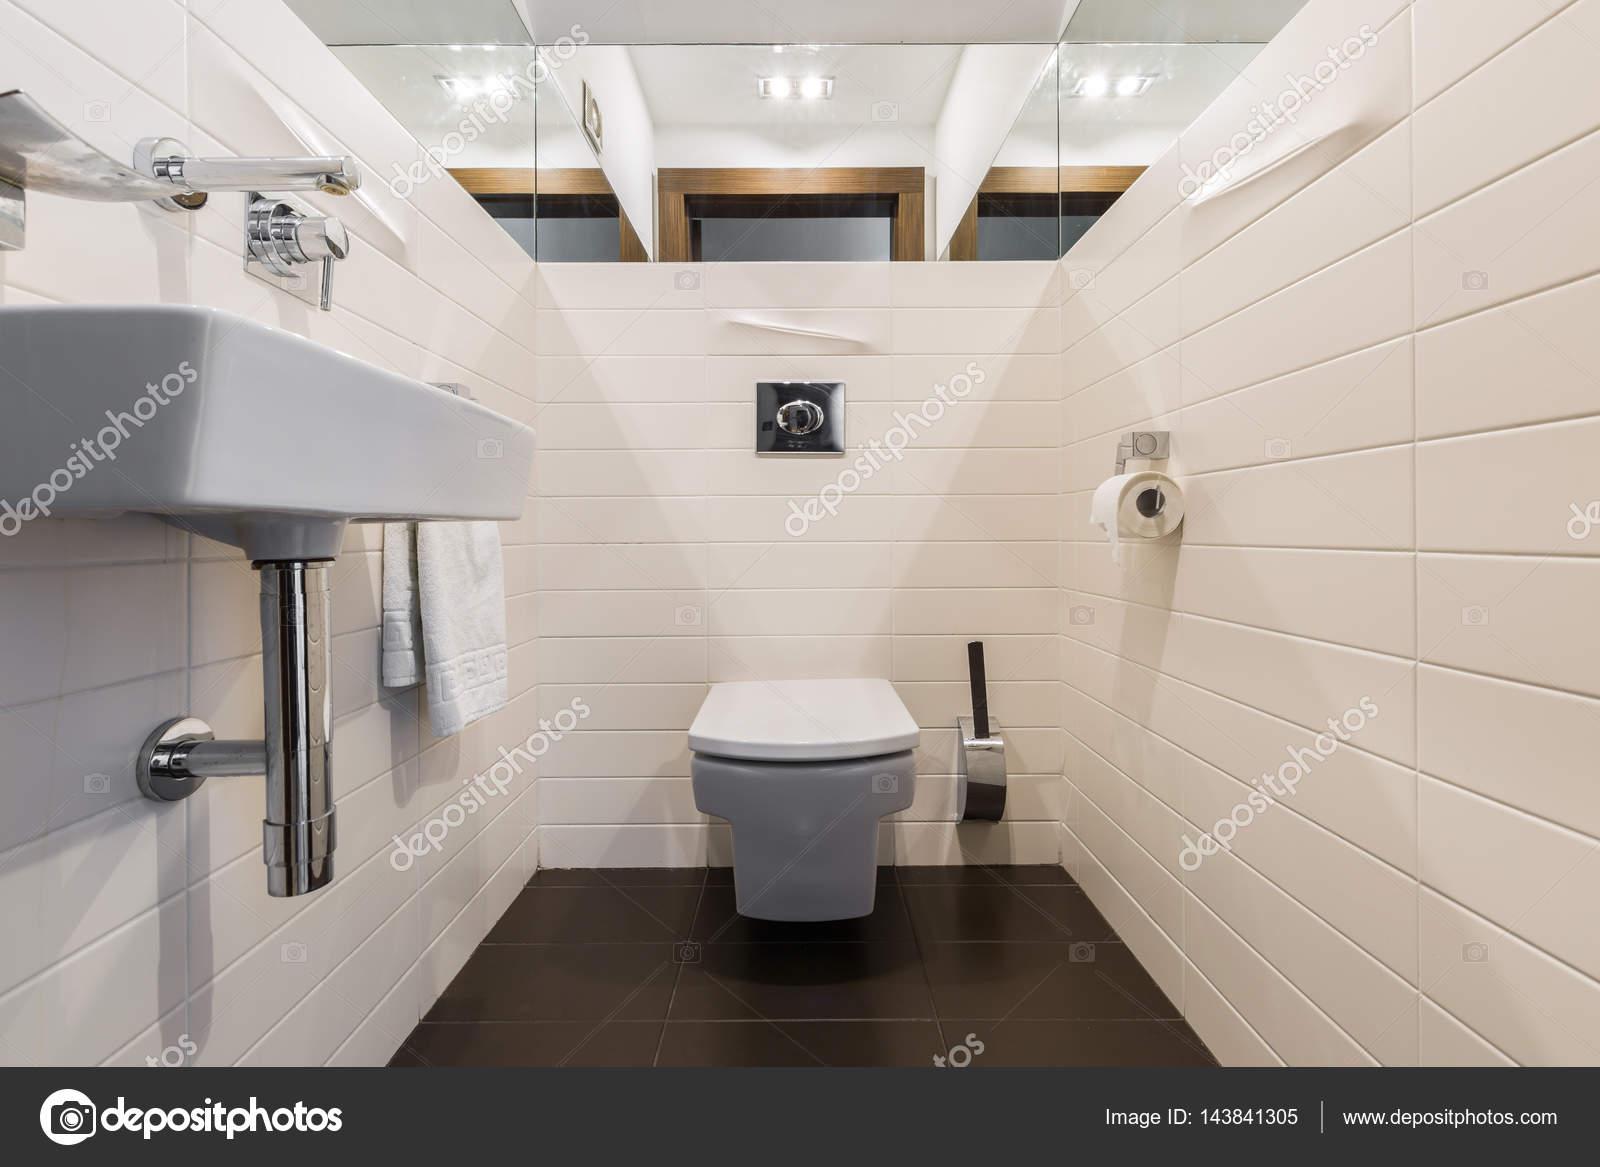 Minimalistische badkamer met toilet en wastafel u2014 stockfoto